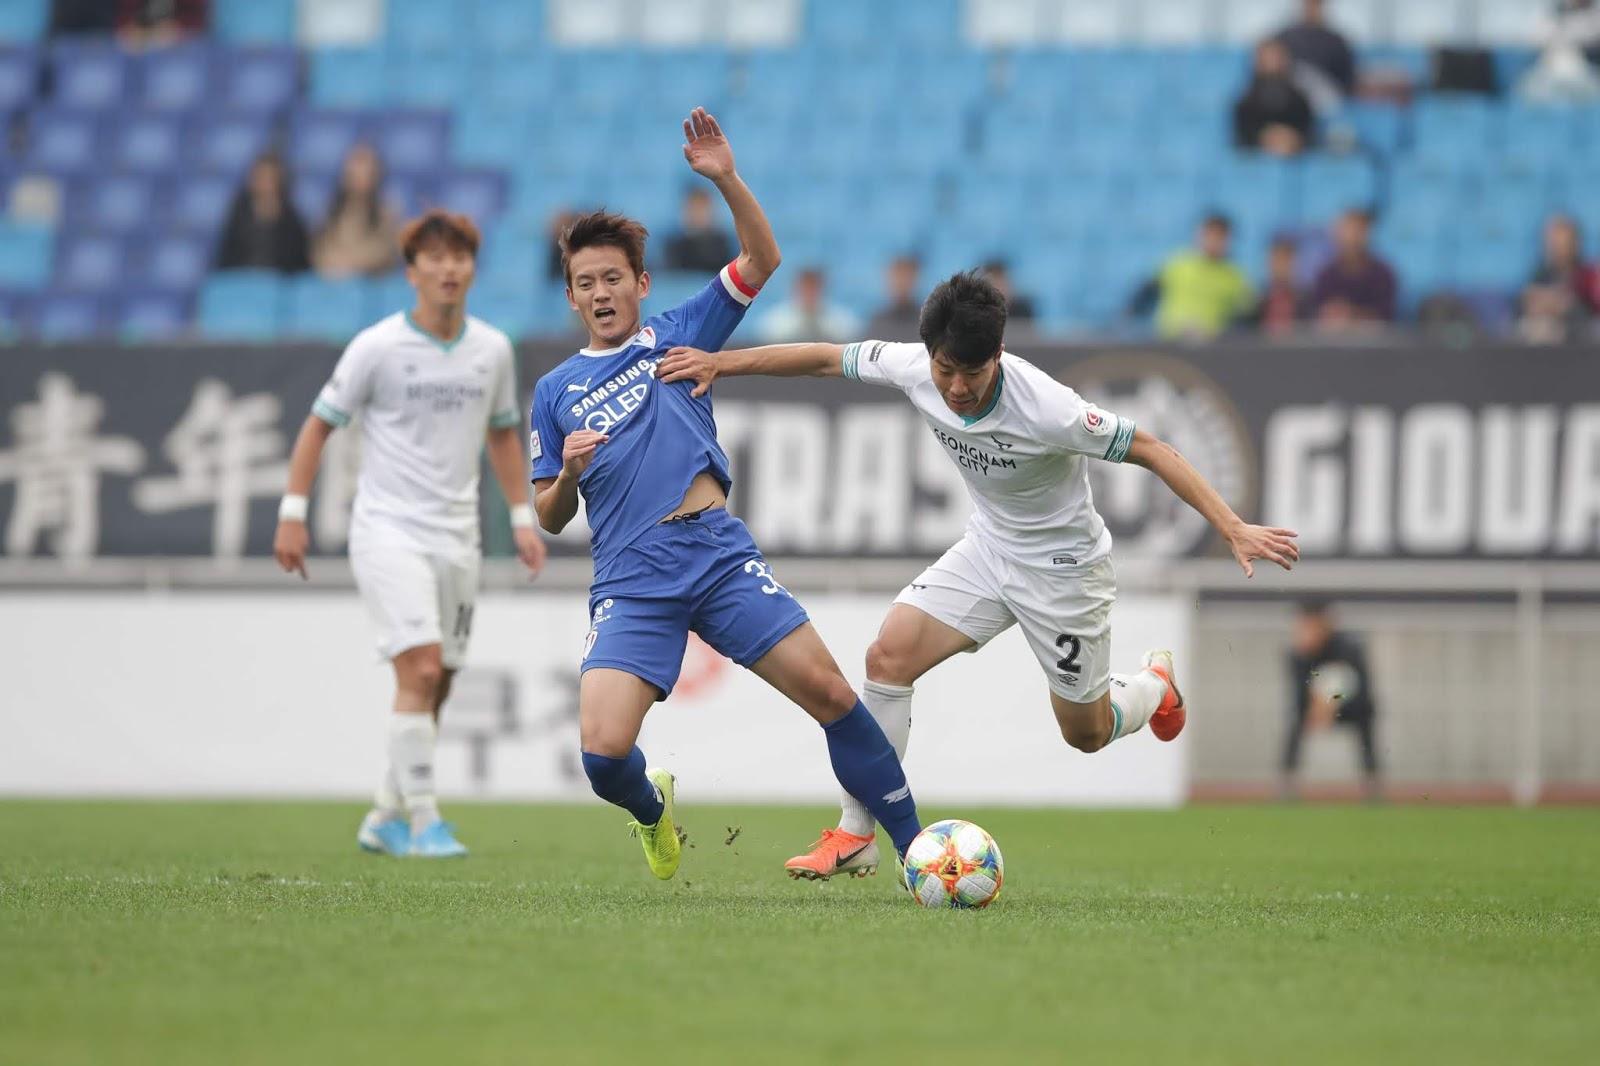 Suwon 0-0 Seongnam 11.02.2019